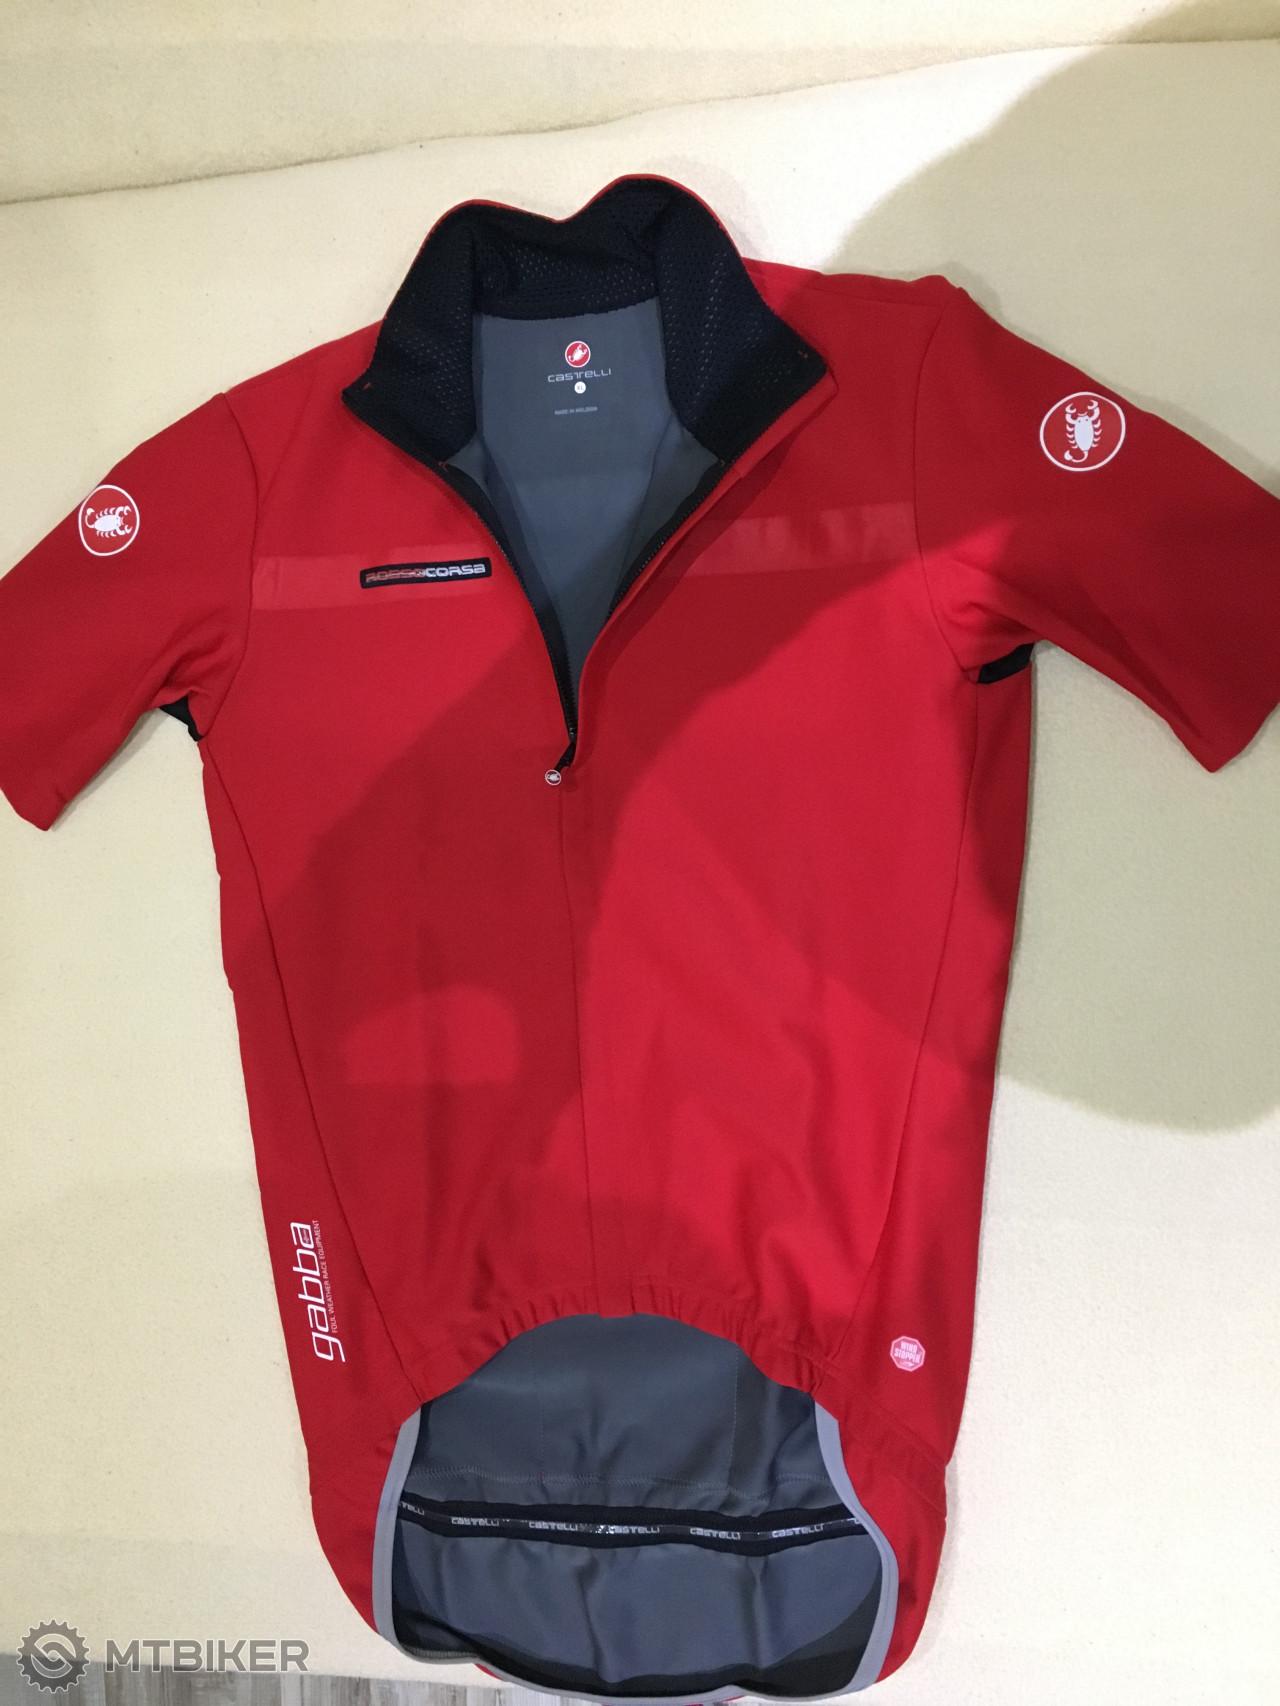 950598f203b46 Cyklo Dres Castelli Gabba 2 červená _krátky Rukáv - Príslušenstvo -  Oblečenie a batohy - Bazár MTBIKER